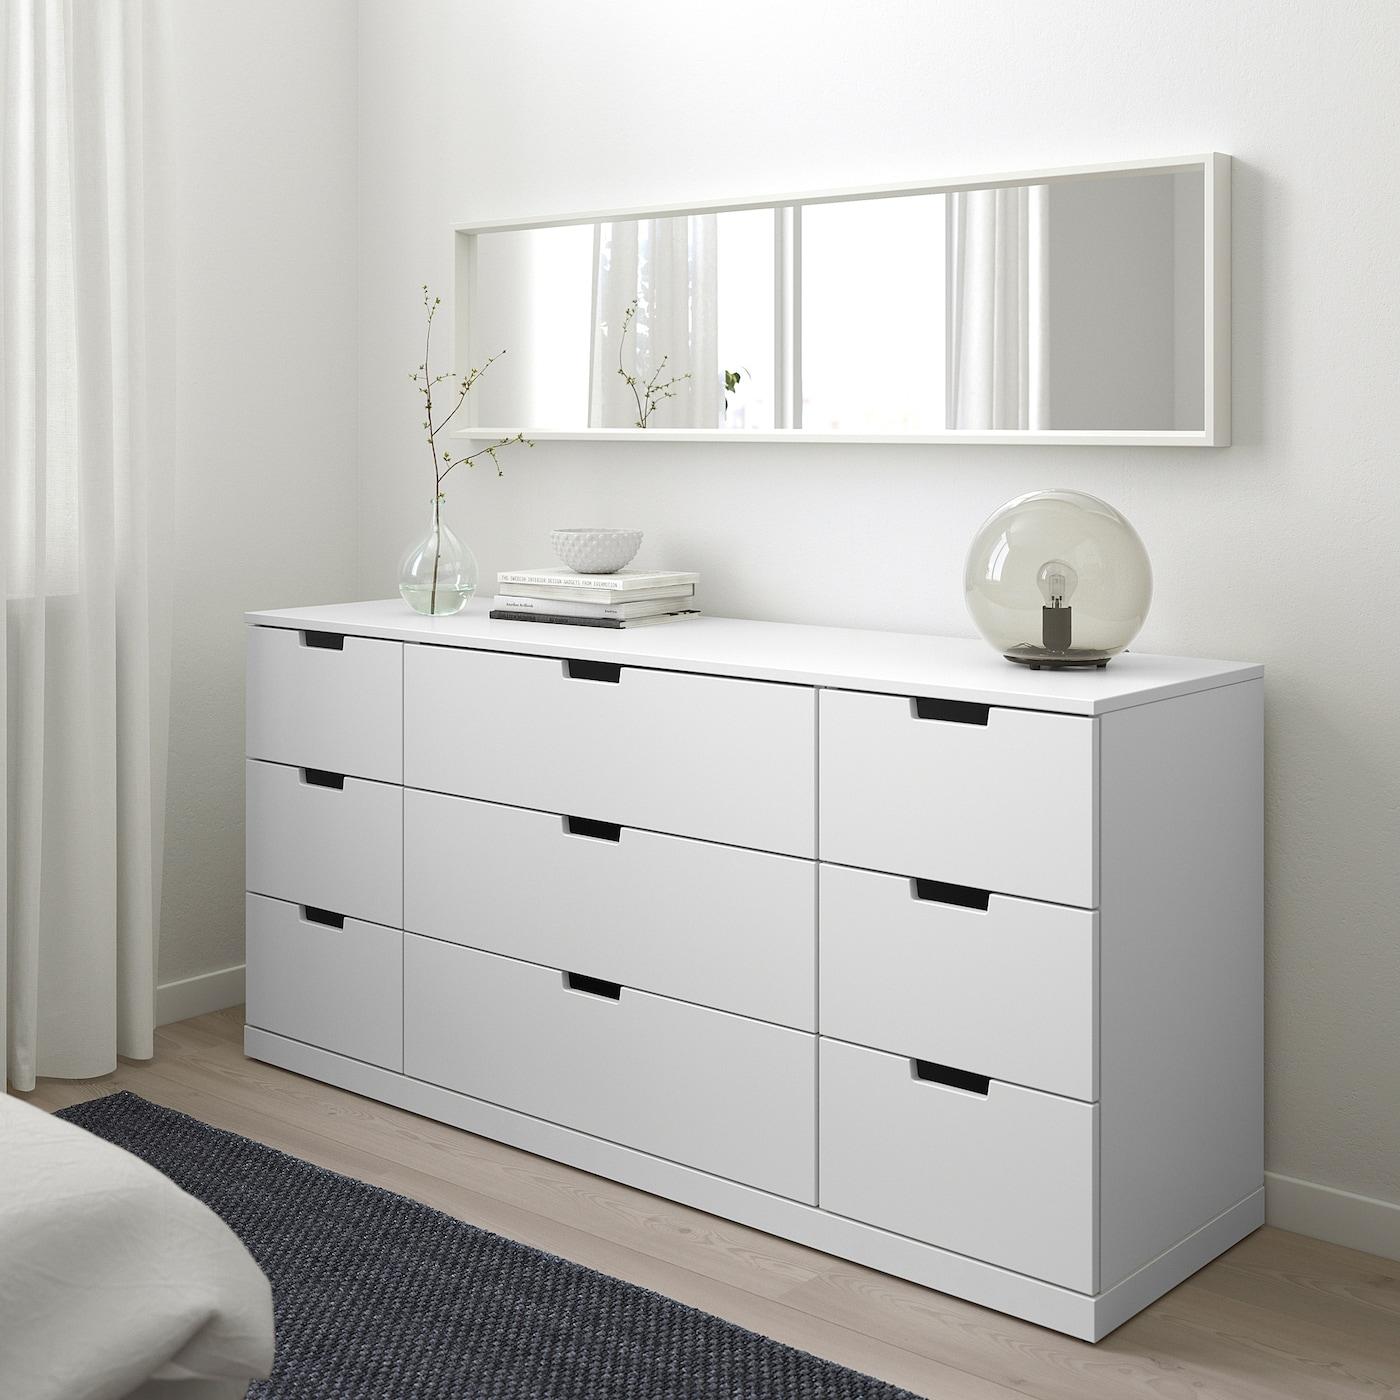 NORDLI Kommode mit 9 Schubladen - weiß - IKEA Österreich